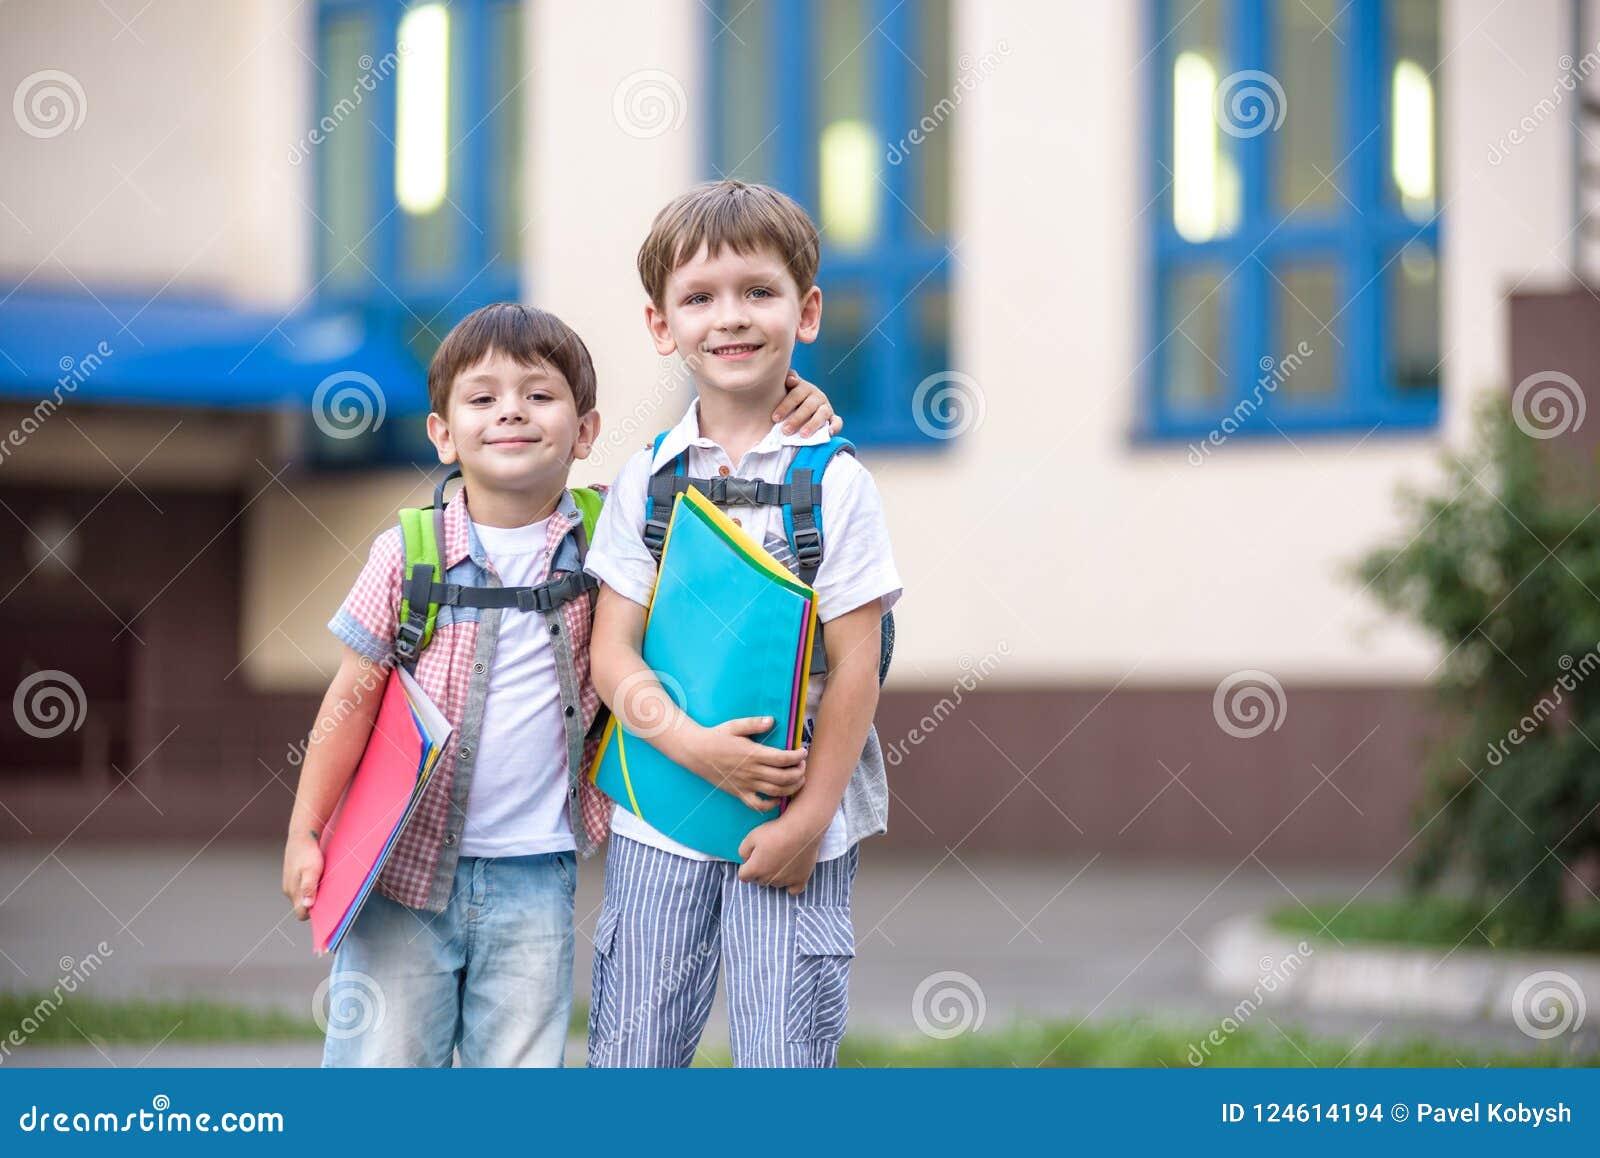 Nette kleine Schüler sprechen lebhaft auf dem Schulhof Chil